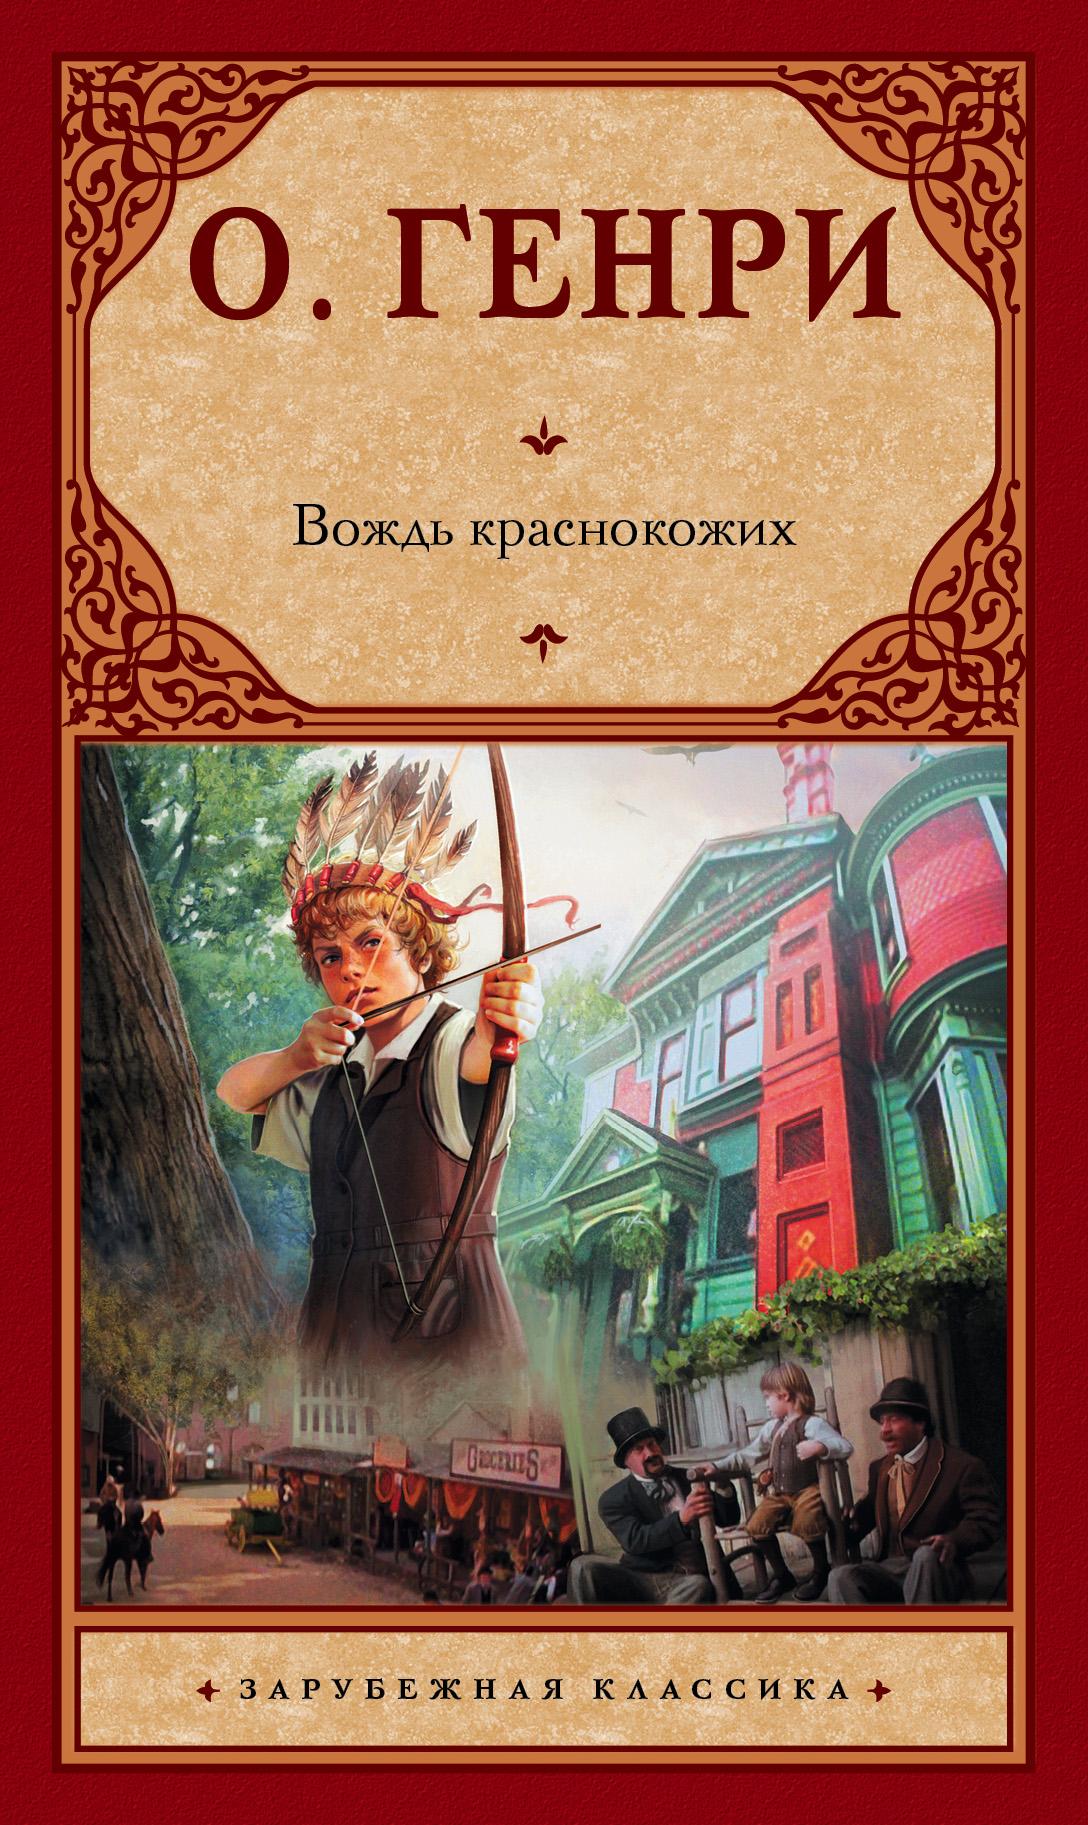 О. Генри Вождь краснокожих (сборник)